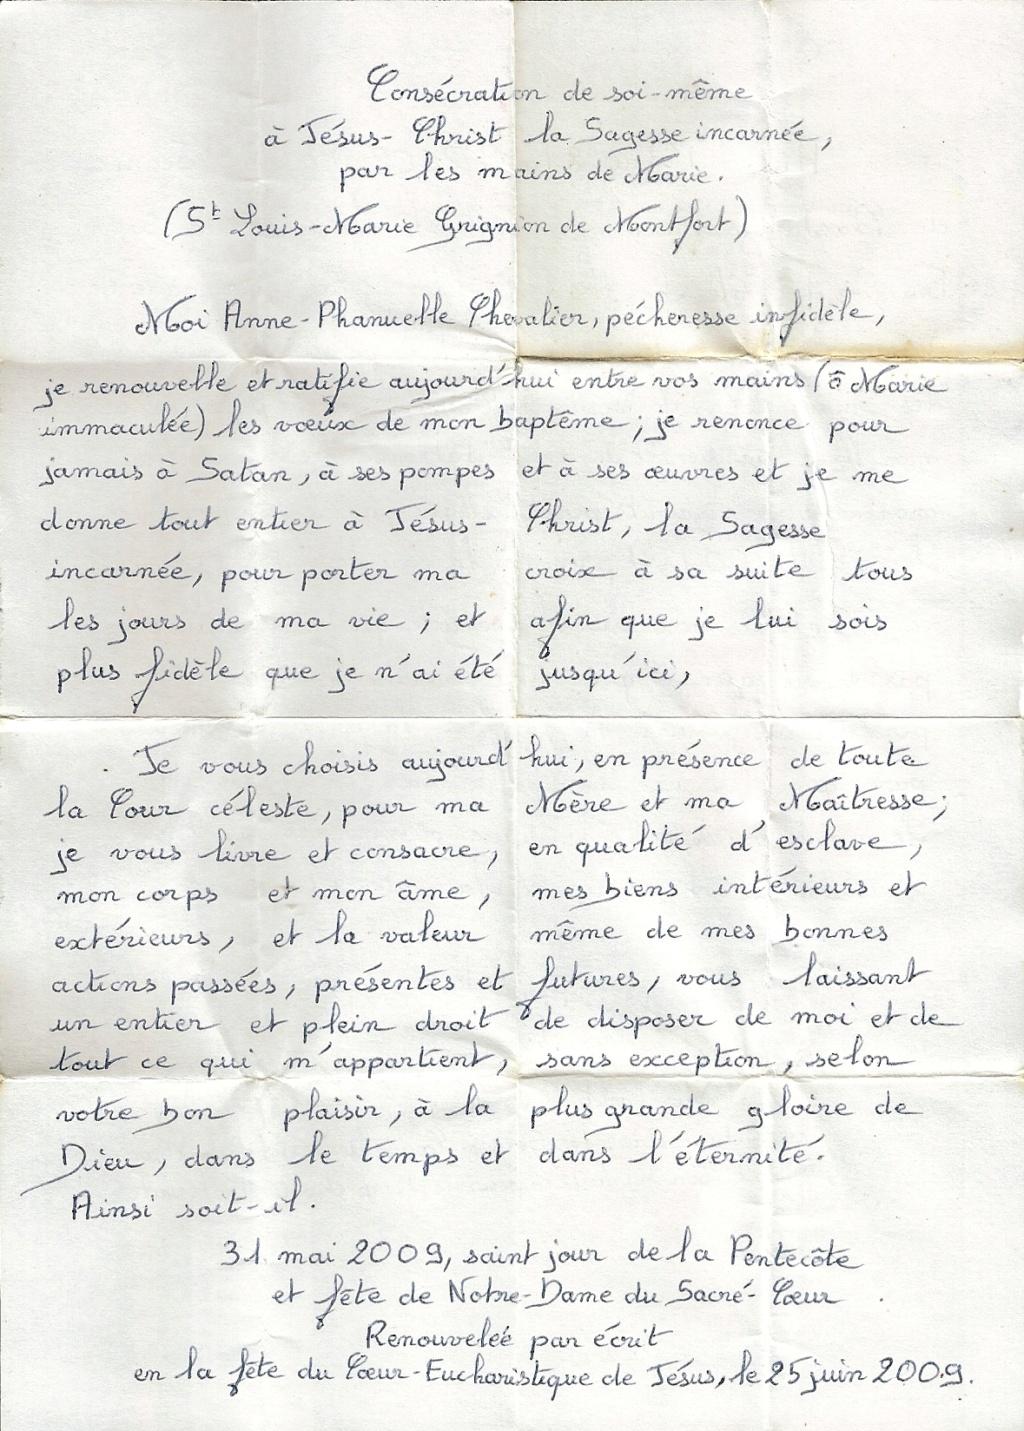 Mon HISTOIRE (récupération suite à un piratage de Fontgombault) Conszo10